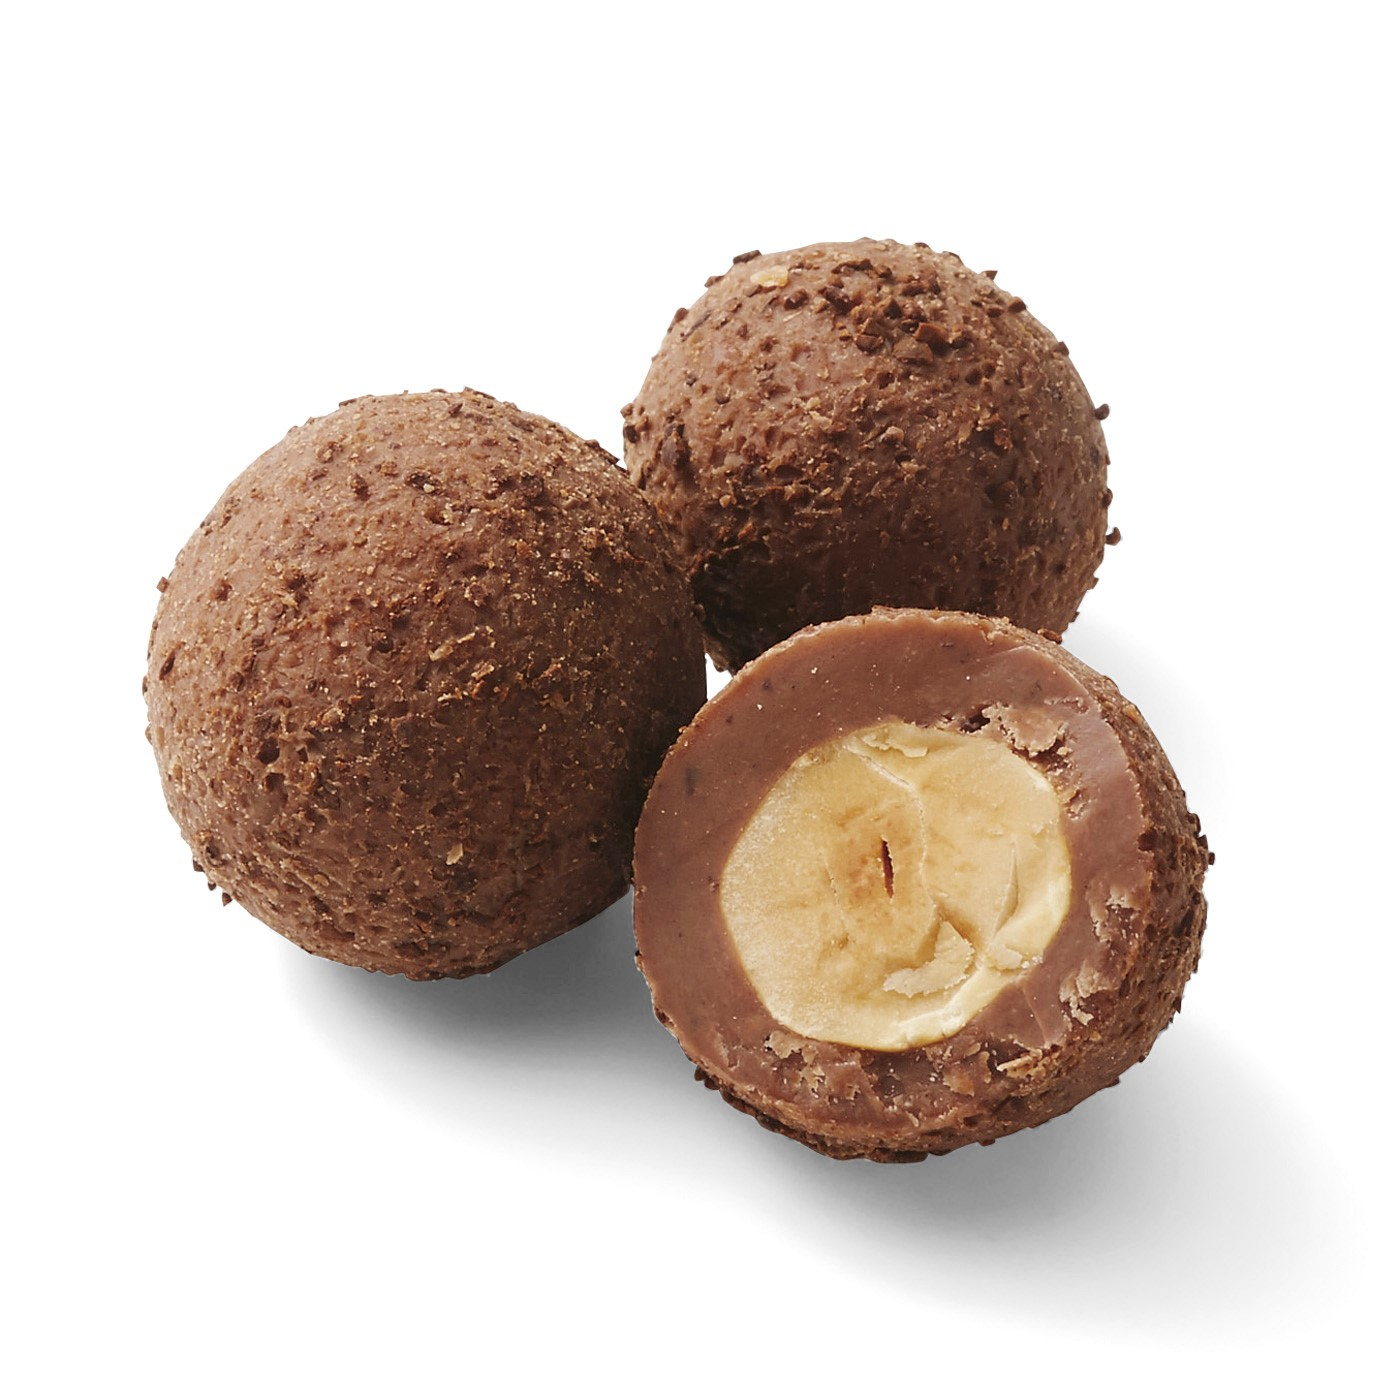 4 ヘーゼルナッツコーヒーミルク: ミルクチョコ、なめらかなヘーゼルナッツクリーム、細かく砕いたエチオピア産アラビカコーヒーが完璧に調和。